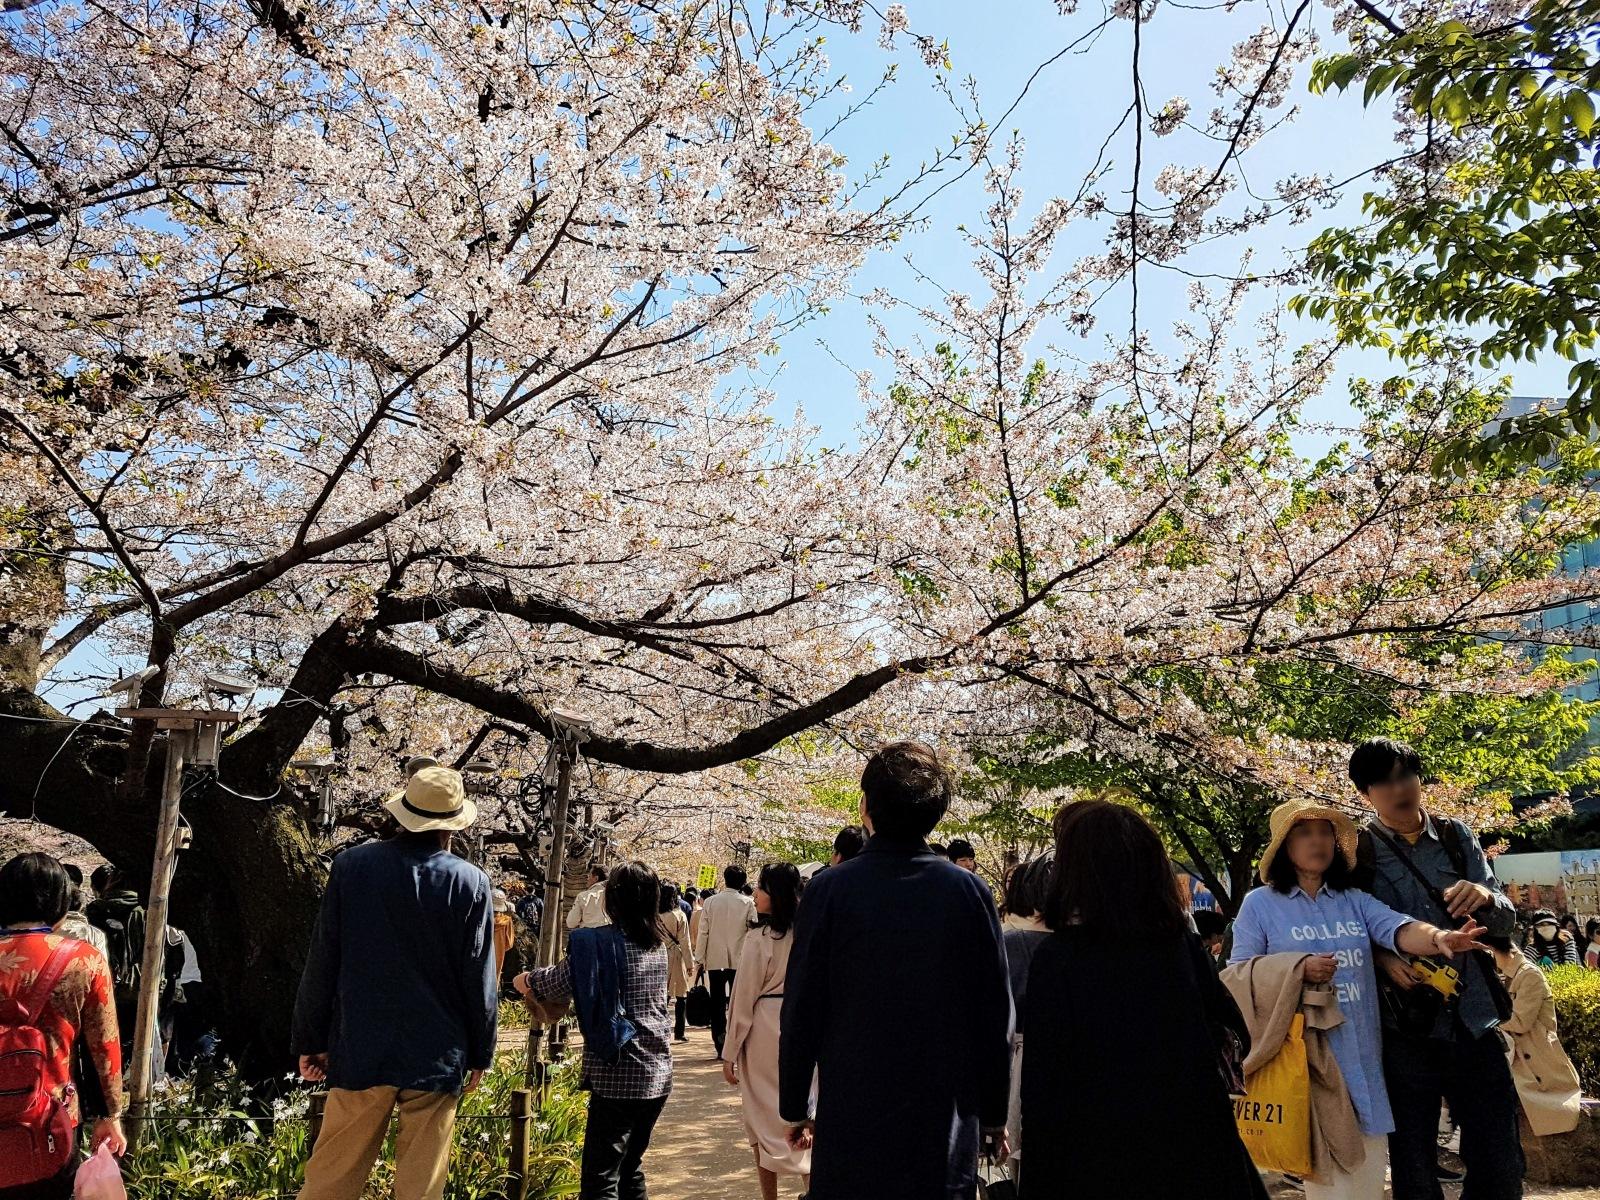 千鳥淵櫻花季,櫻花下都是人呢